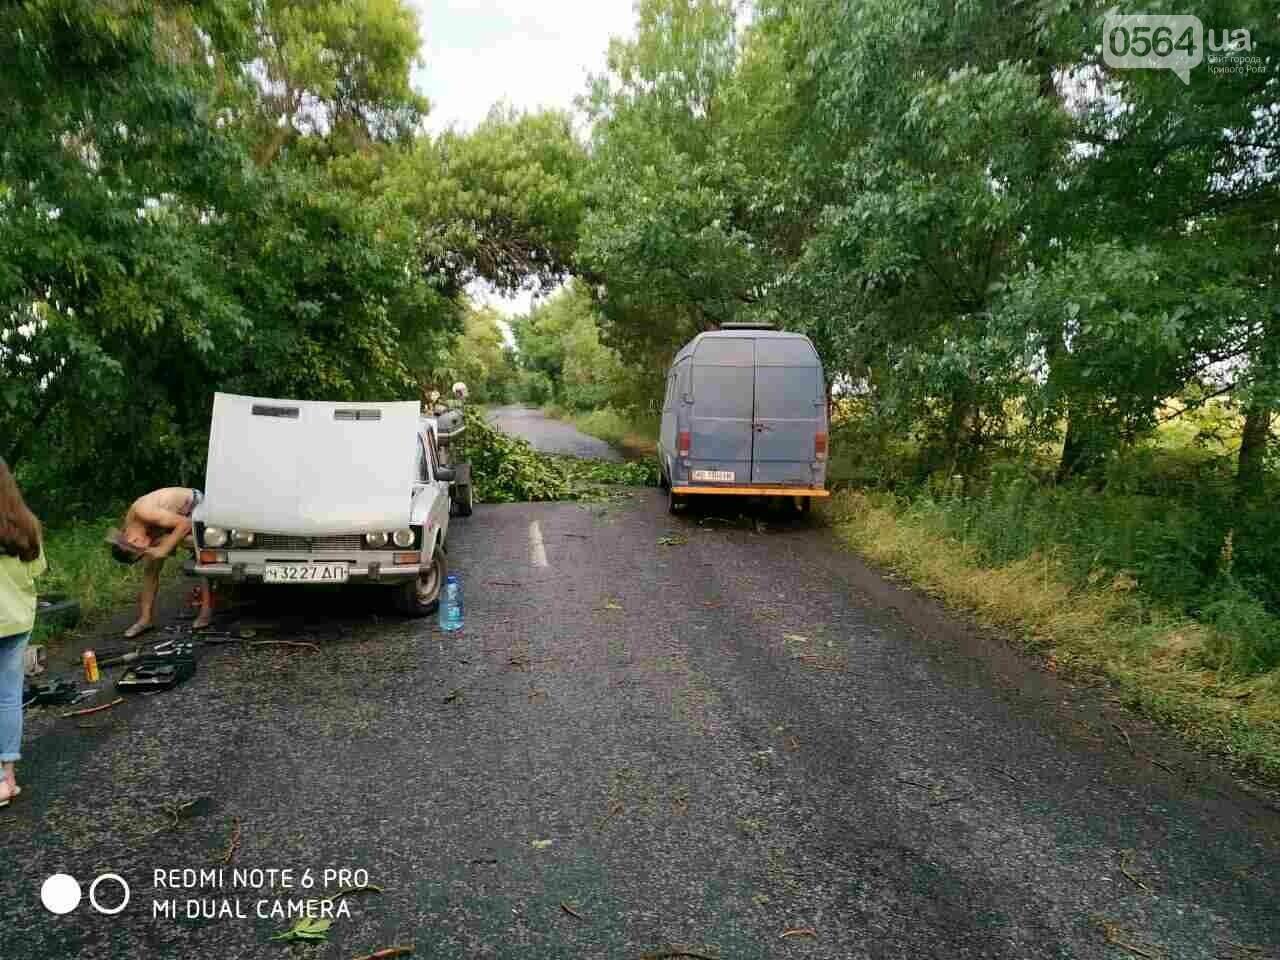 Чтобы освободить автомобилистов из ловушки, спасателям пришлось расчищать дорогу Пятихатки-Кривой Рог, - ФОТО, фото-2